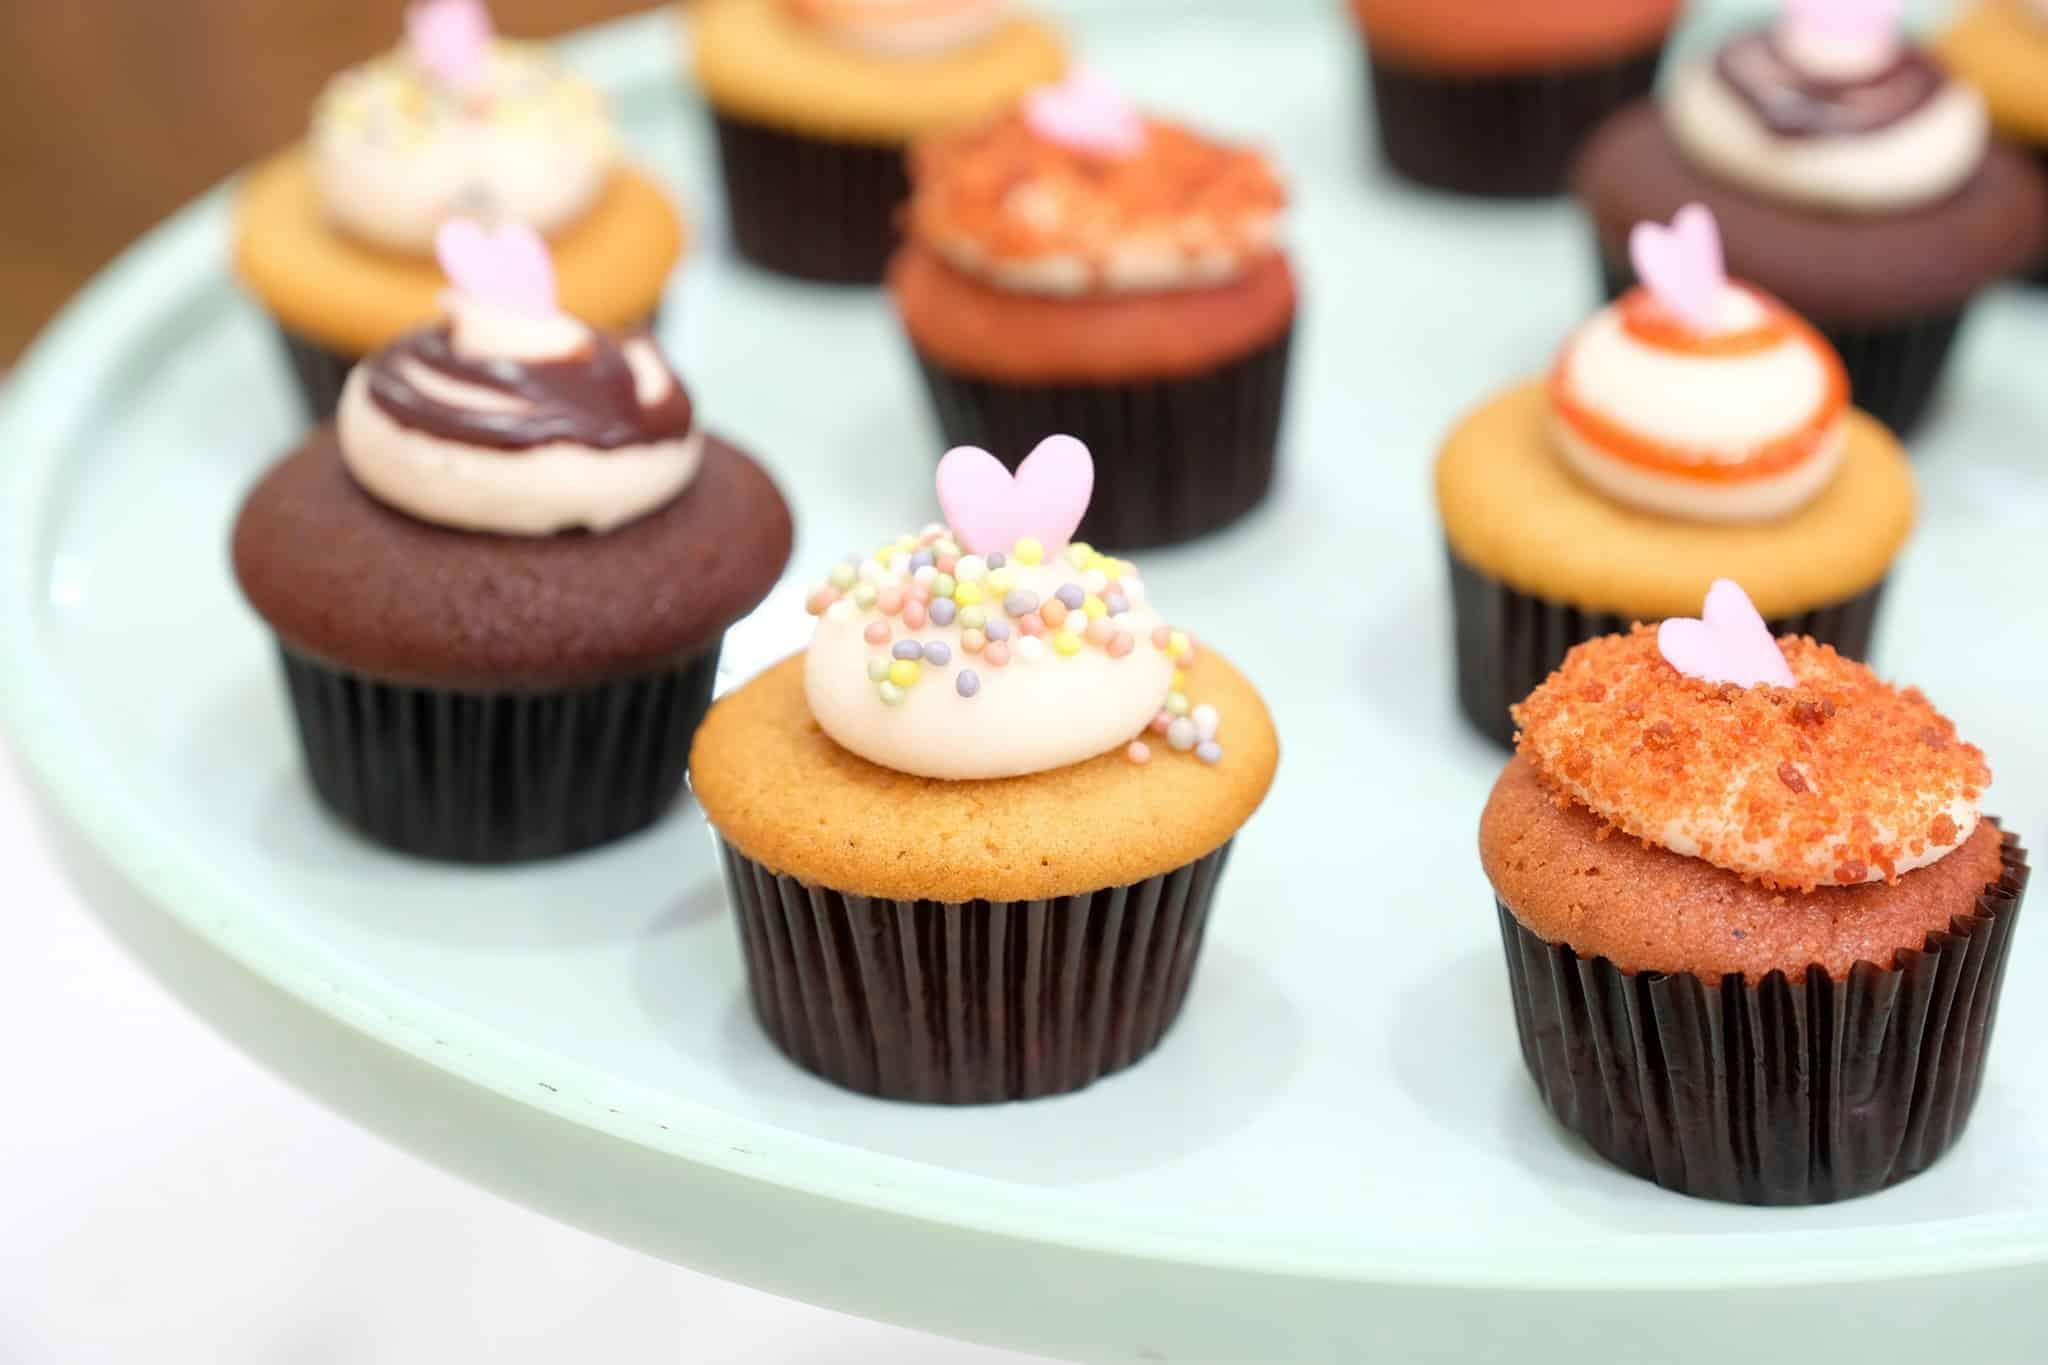 Bunnie Cakes - DIY Weekend Cupcake Experience2